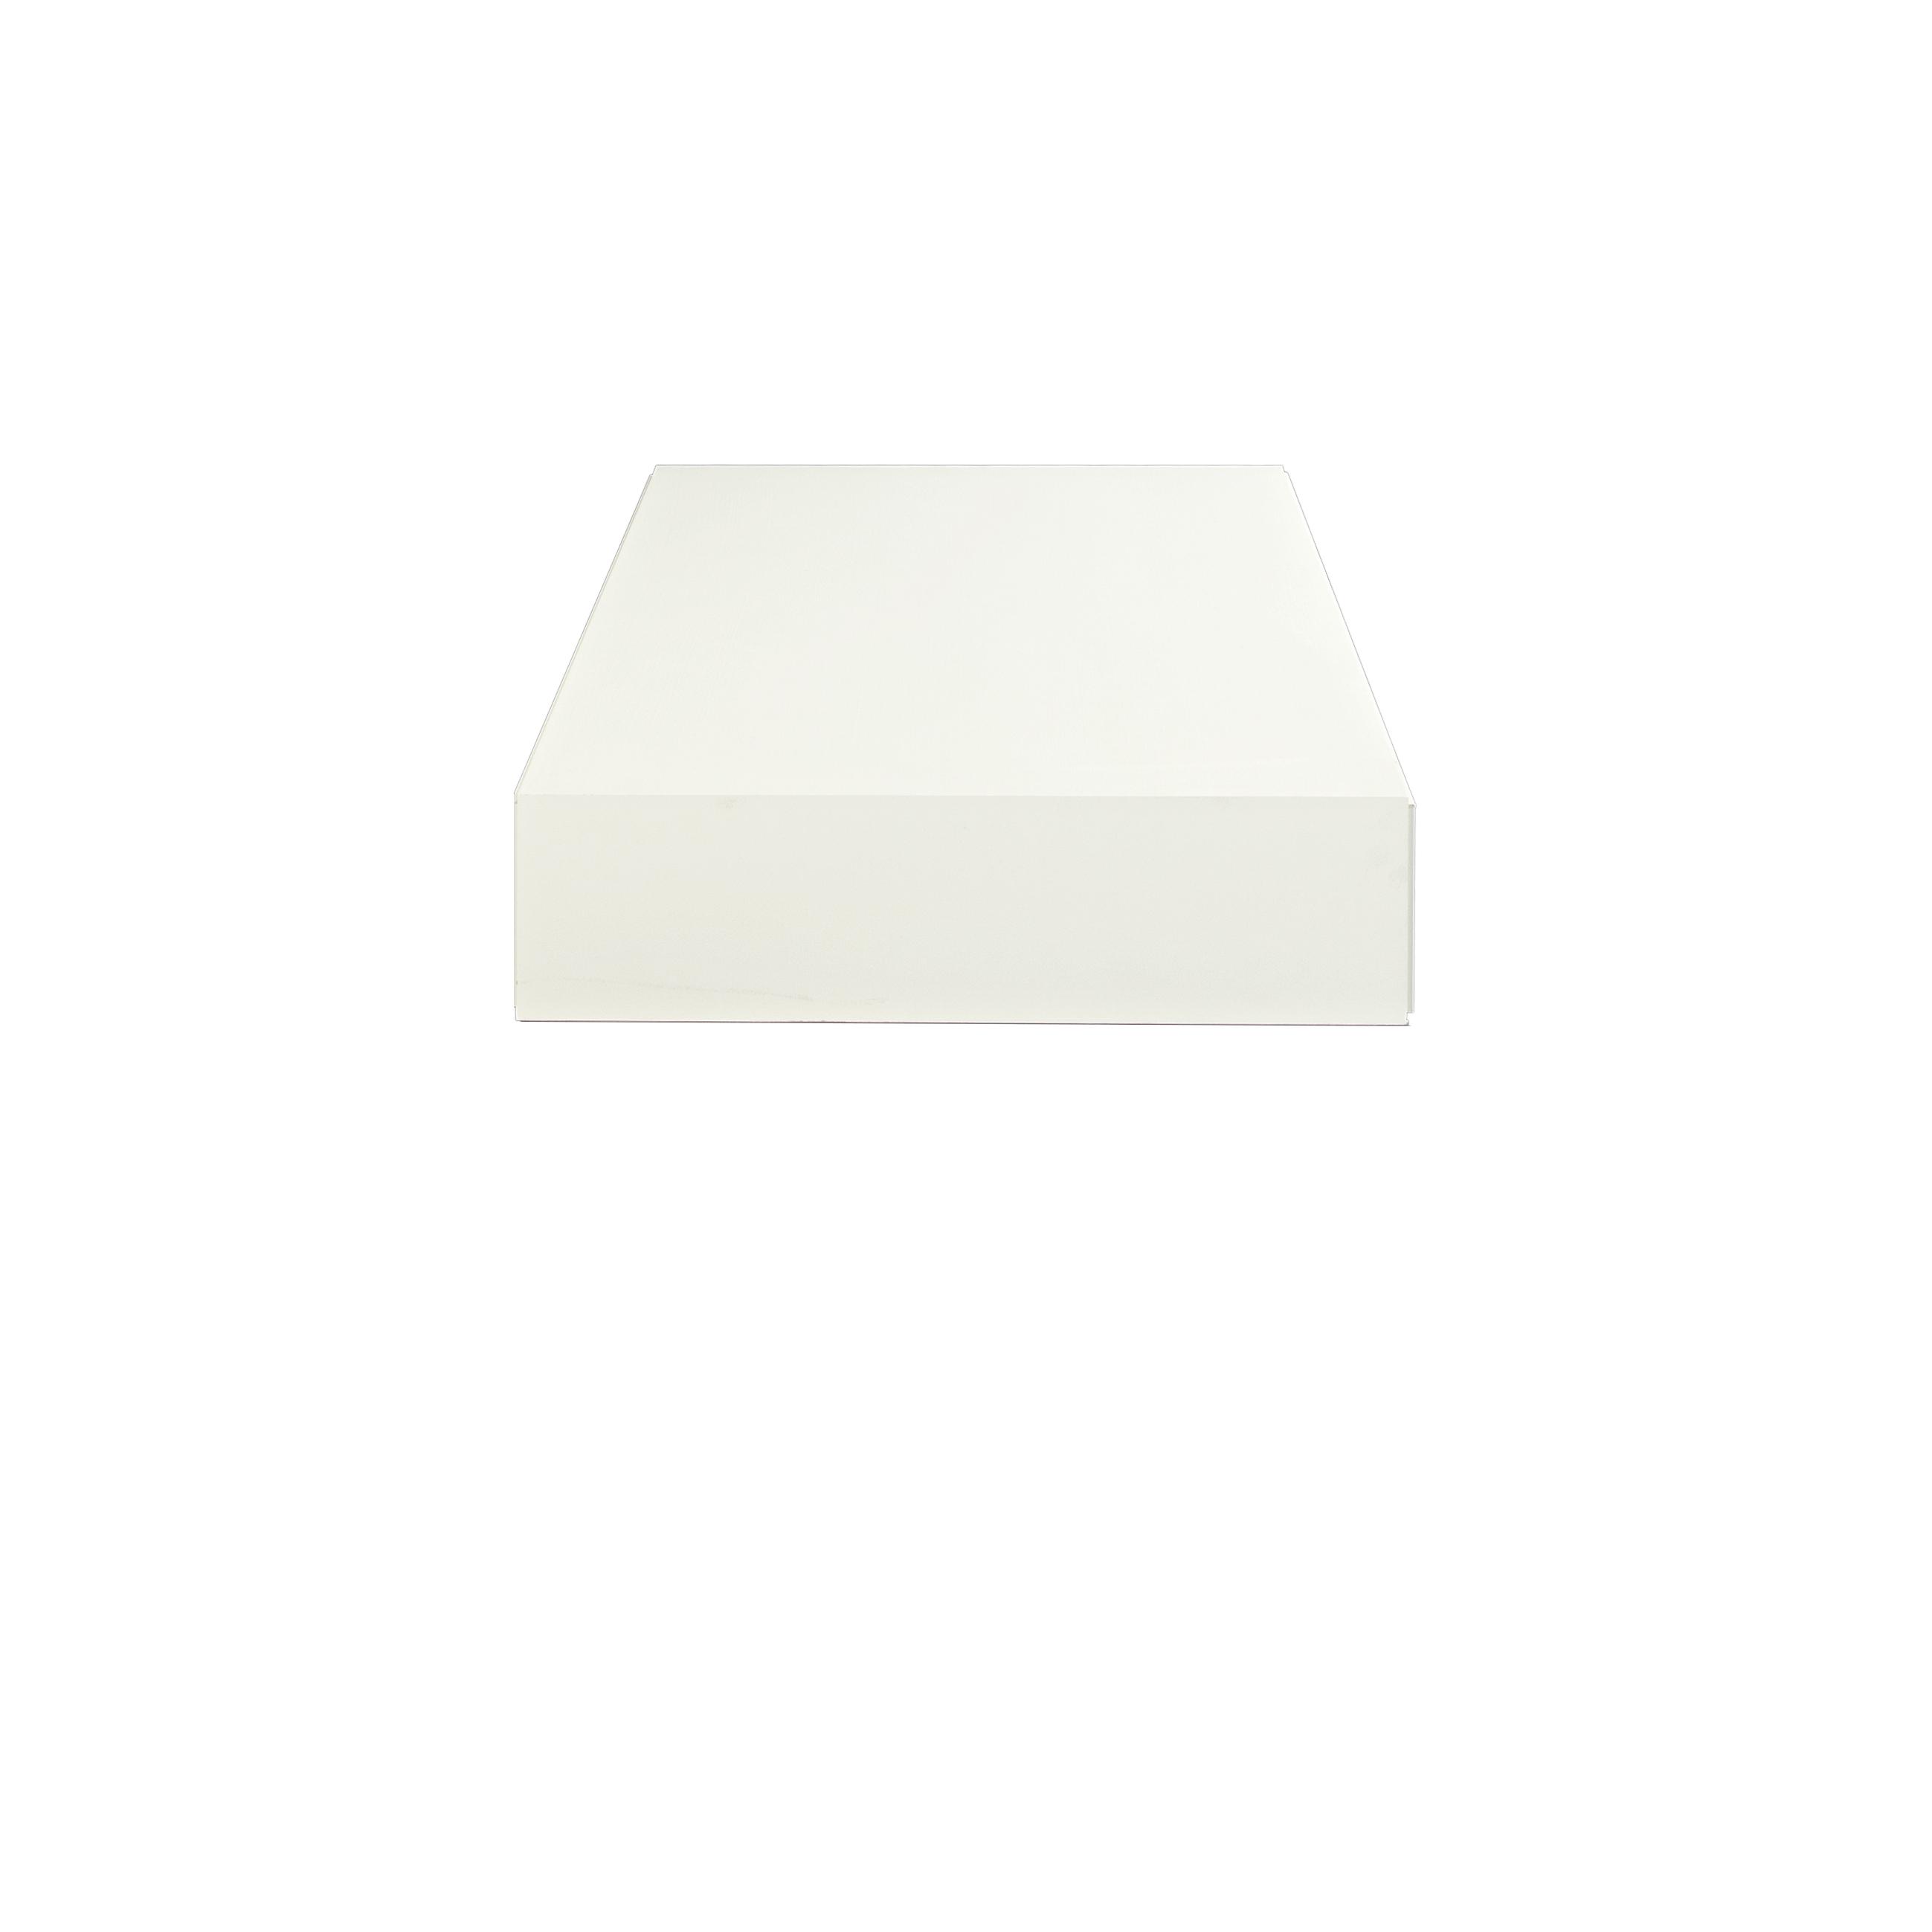 Line Soffbord rektangulärt White från sidan - englesson.se